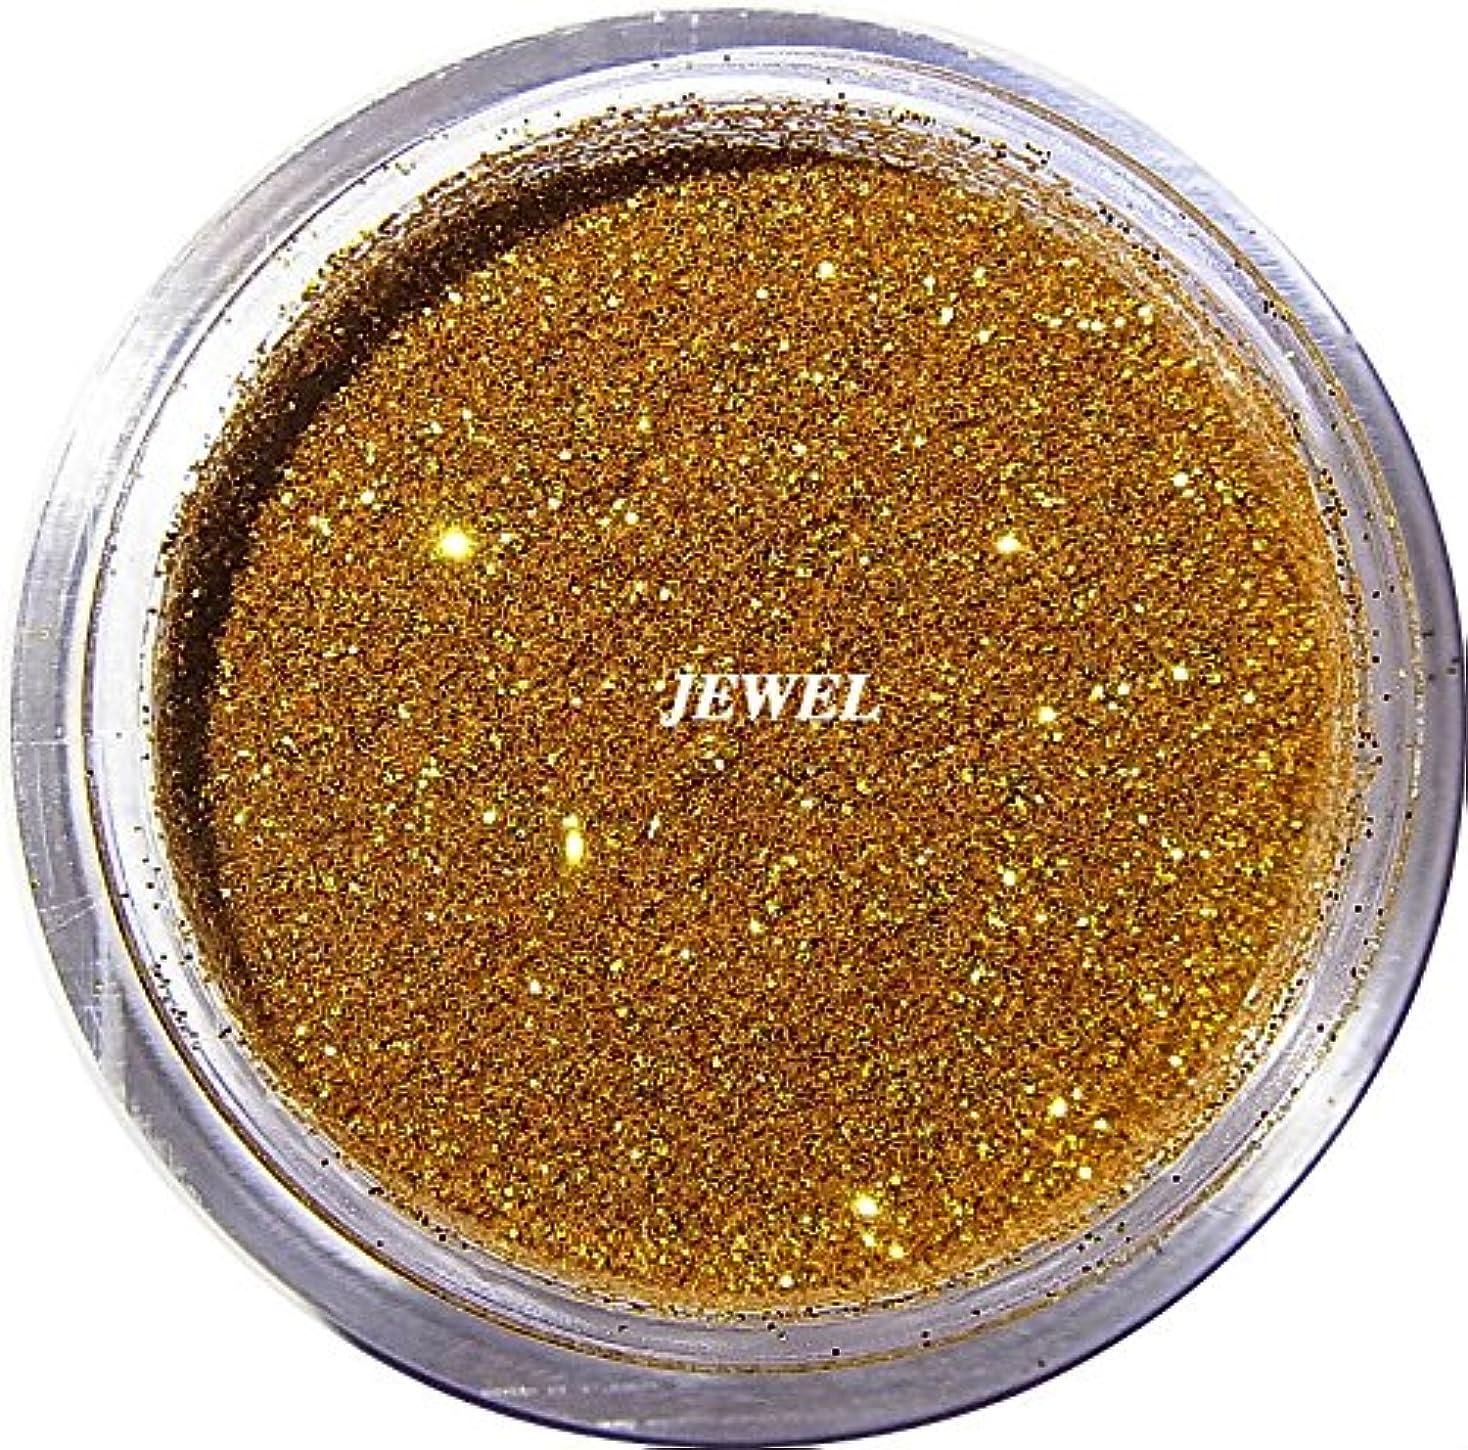 るミキサー感じる【jewel】 超微粒子ラメパウダー(金/ゴールド) 256/1サイズ 2g入り レジン&ネイル用 グリッター